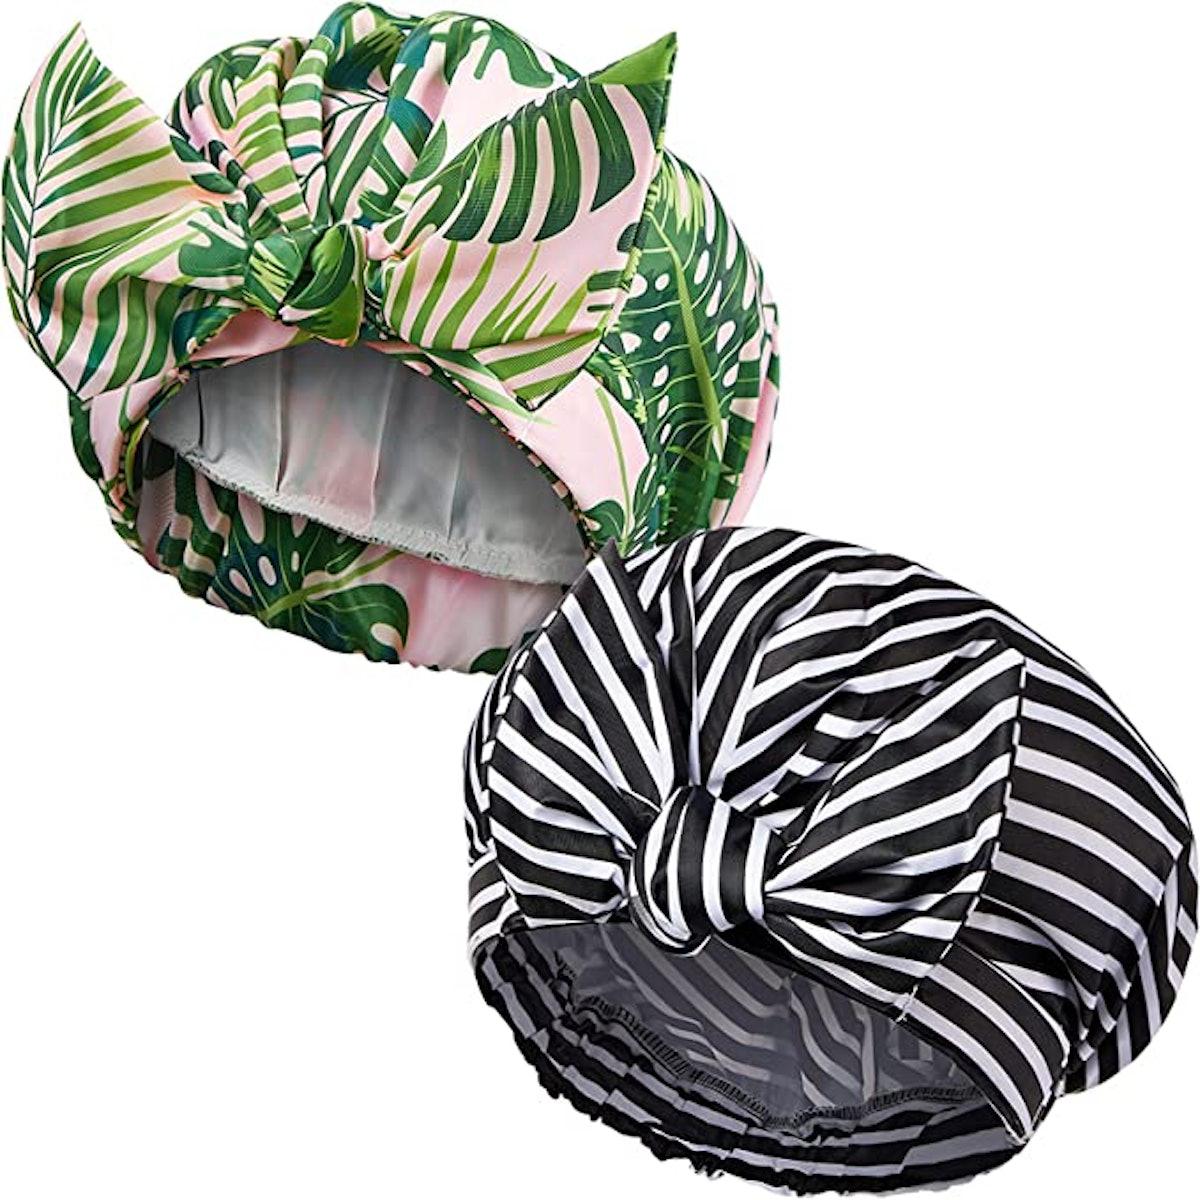 Waterproof Reusable Shower Hair Caps (2-Pack)